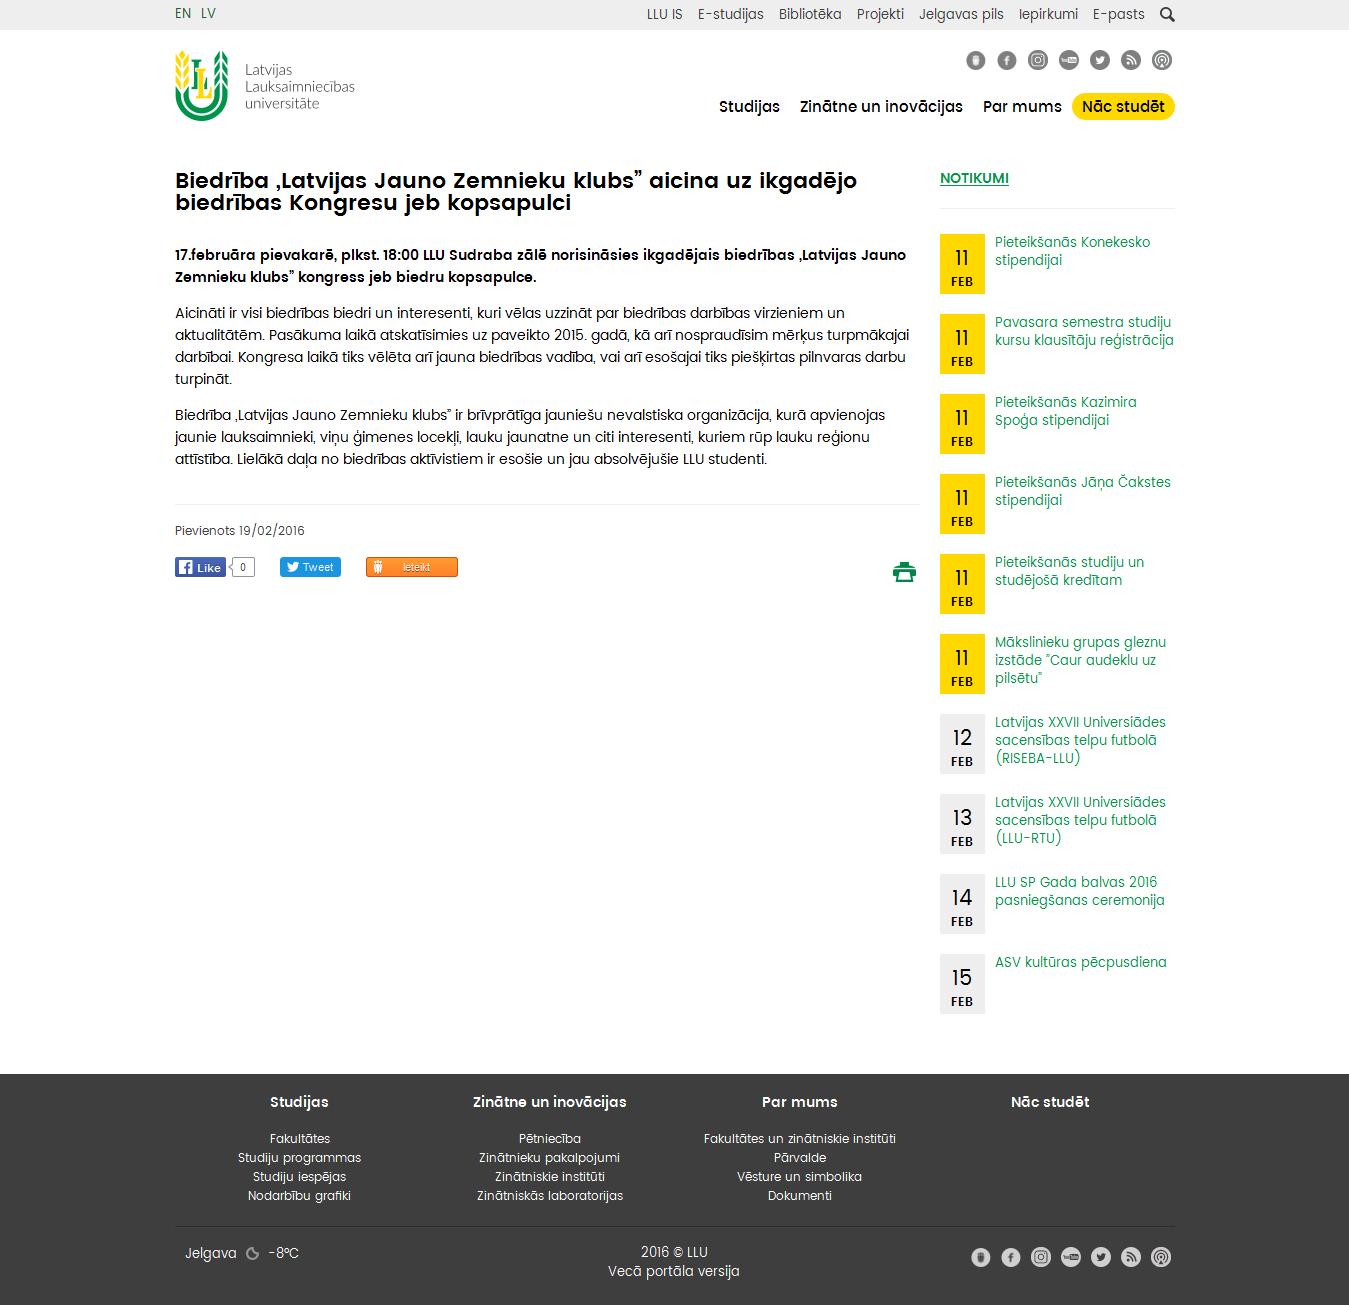 """Biedrība """"Latvijas Jauno Zemnieku klubs"""" aicina uz ikgadējo biedrības Kongresu jeb kopsapulci  http://www.llu.lv/lv/raksts/2016-02-19/biedriba-latvijas-jauno-zemnieku-klubs-aicina-uz-ikgadejo-biedribas-kongresu-jeb"""